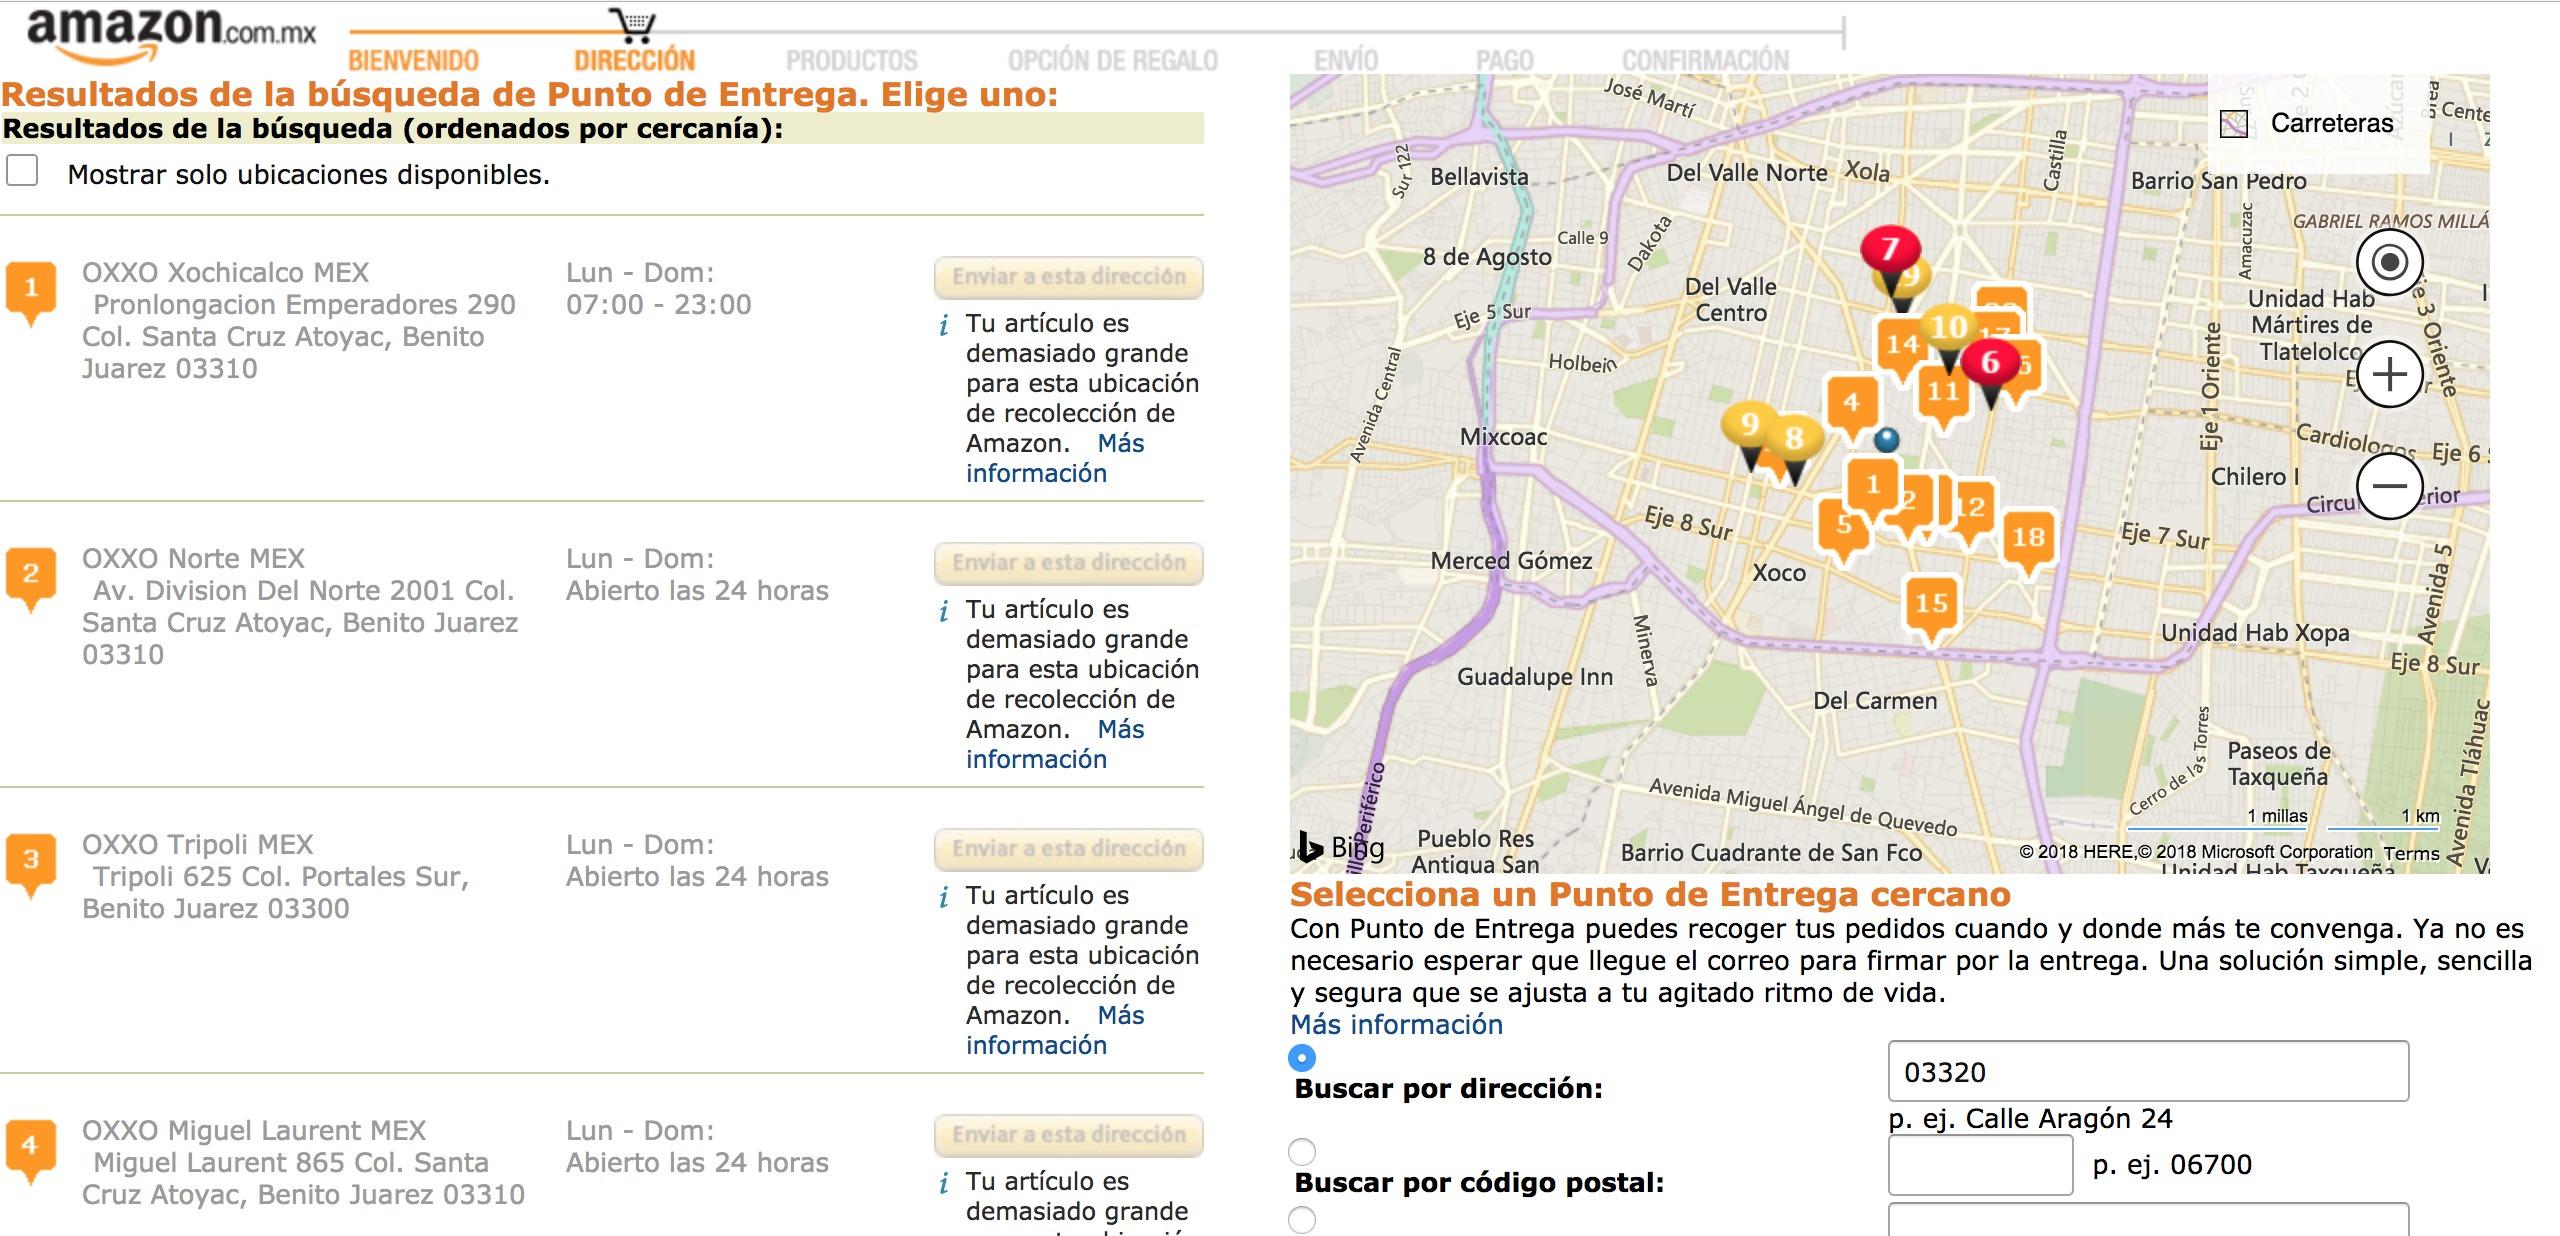 México: Así funcionaran las entregas de Amazon en Oxxo